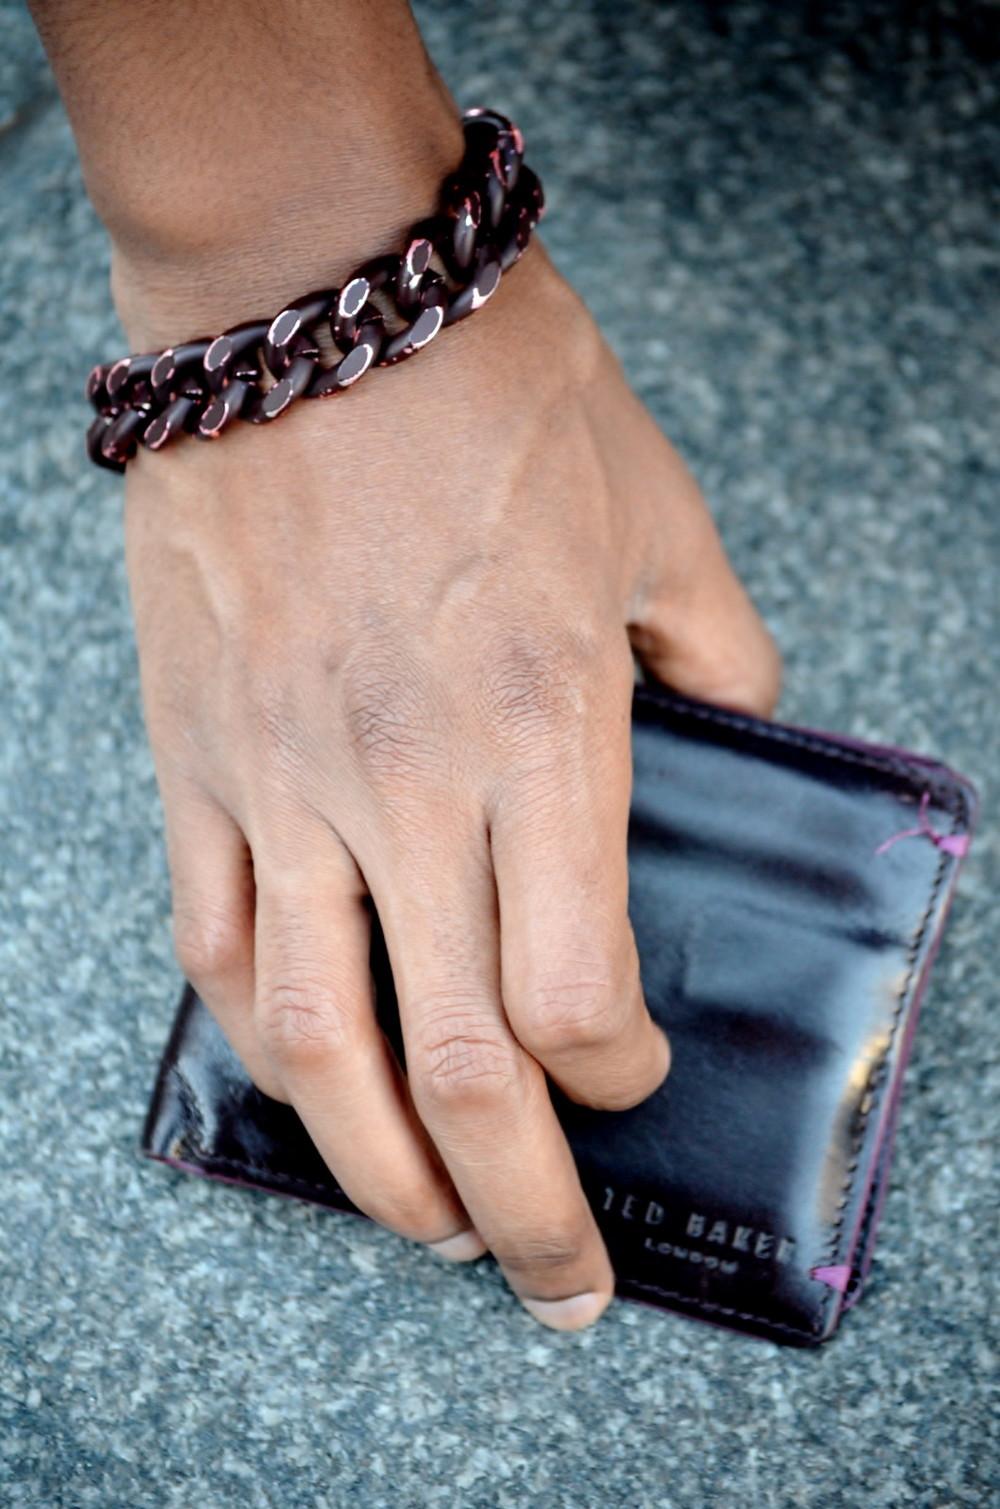 Bracelet : Topman // Wallet : Ted Baker